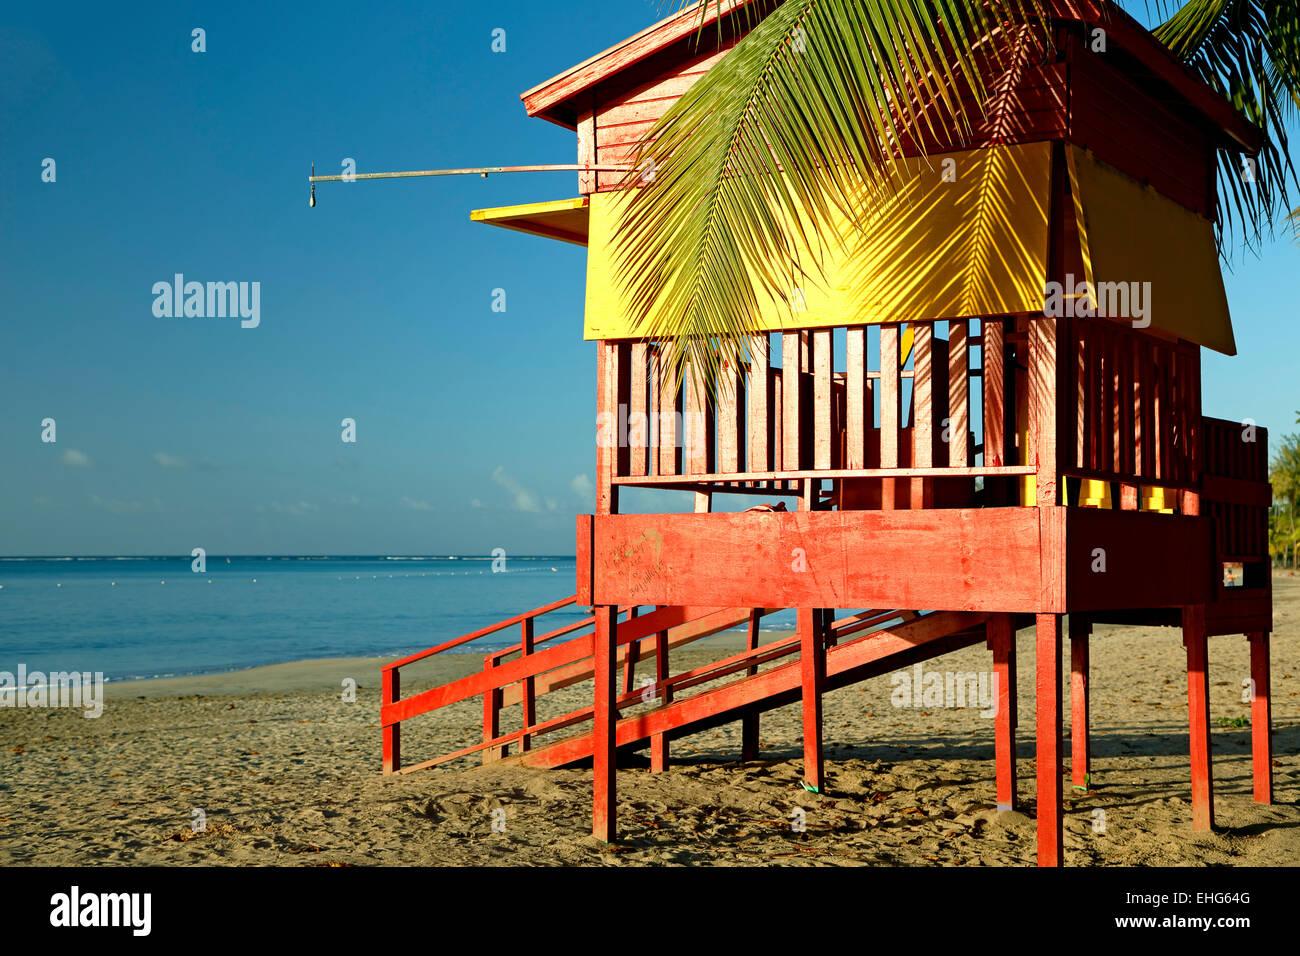 Rettungsschwimmer Haus und Strand, Luquillo Public Beach, Luquillo, Puerto Rico Stockbild